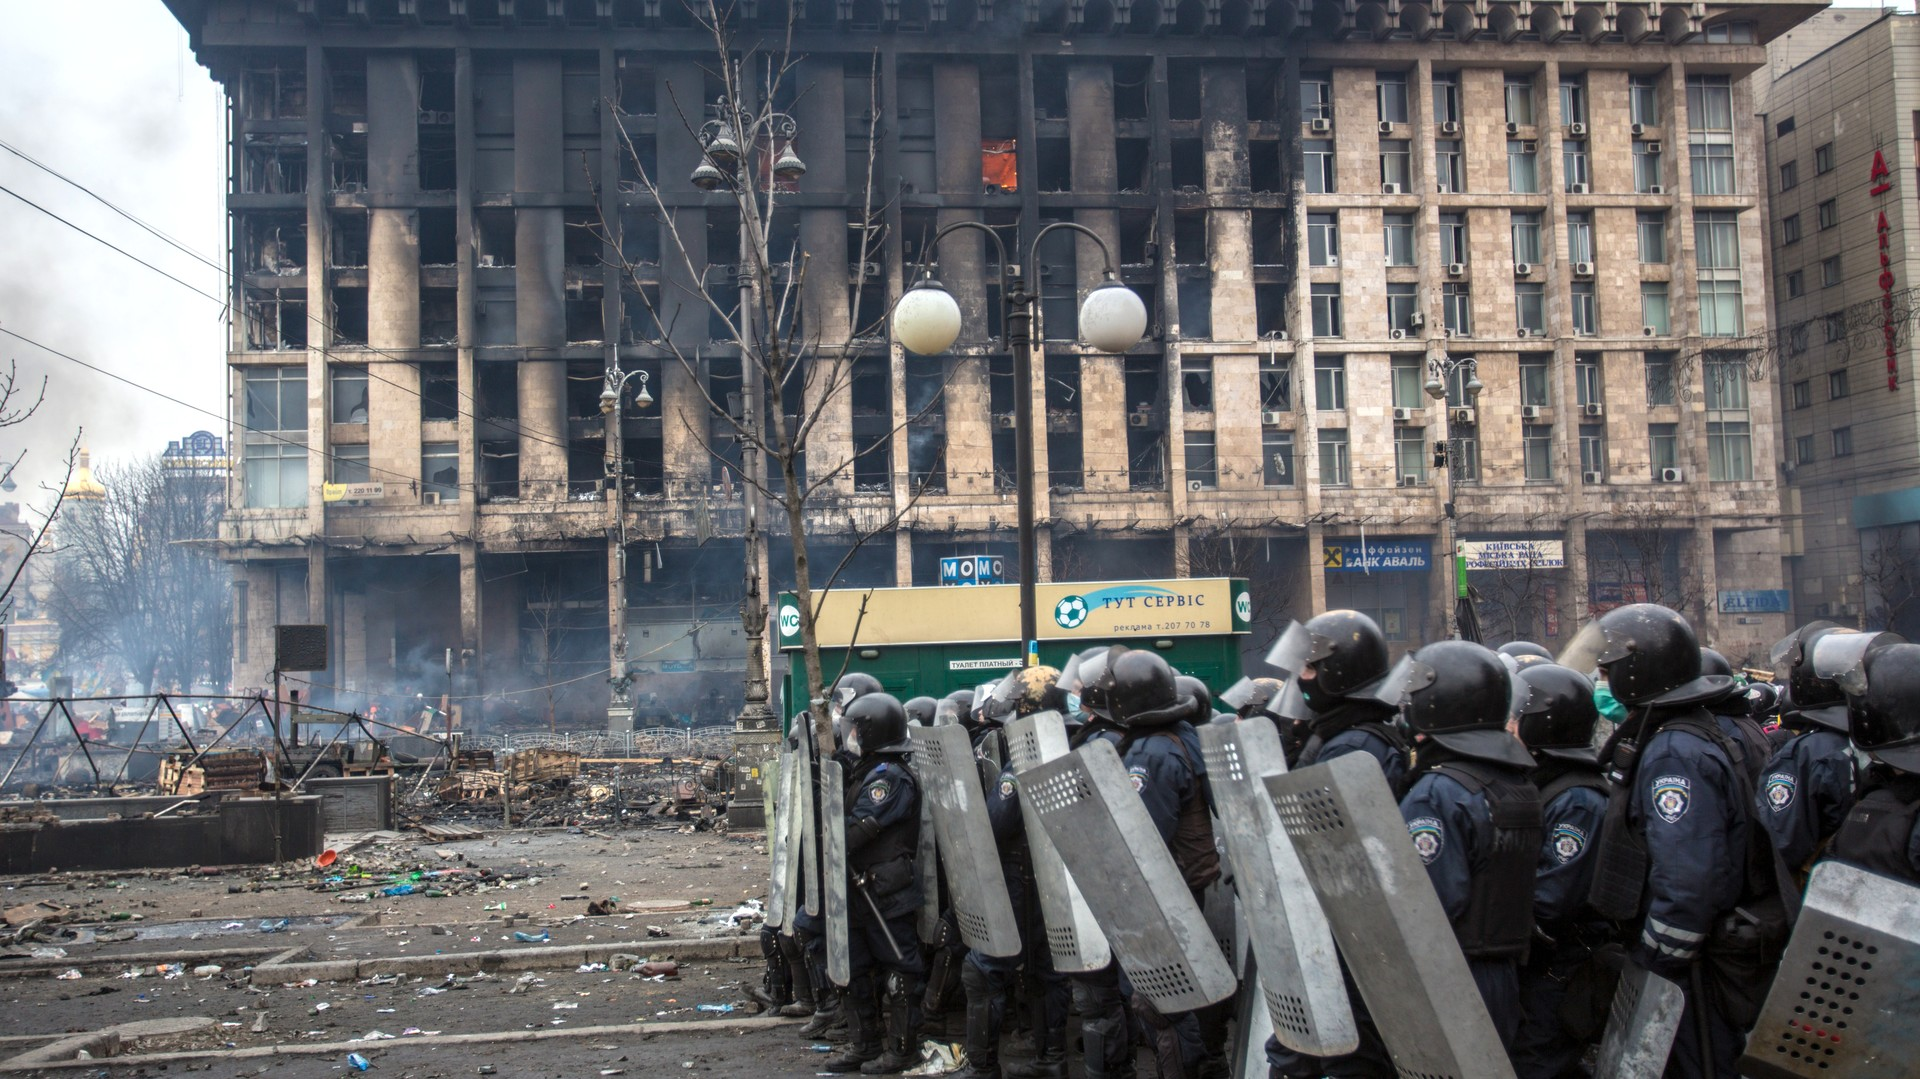 Washington appelle Kiev à punir les émeutiers de lundi, mais Maïdan reste «pacifique» à ses yeux